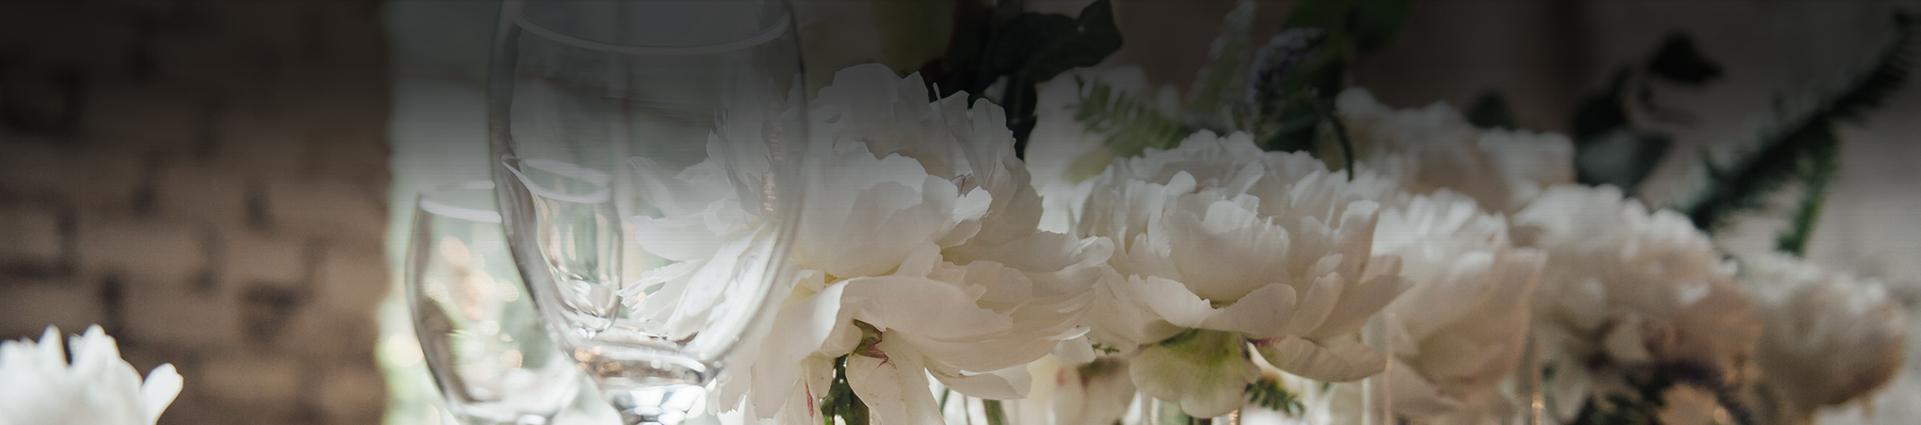 Banner kwiaty i kieliszki